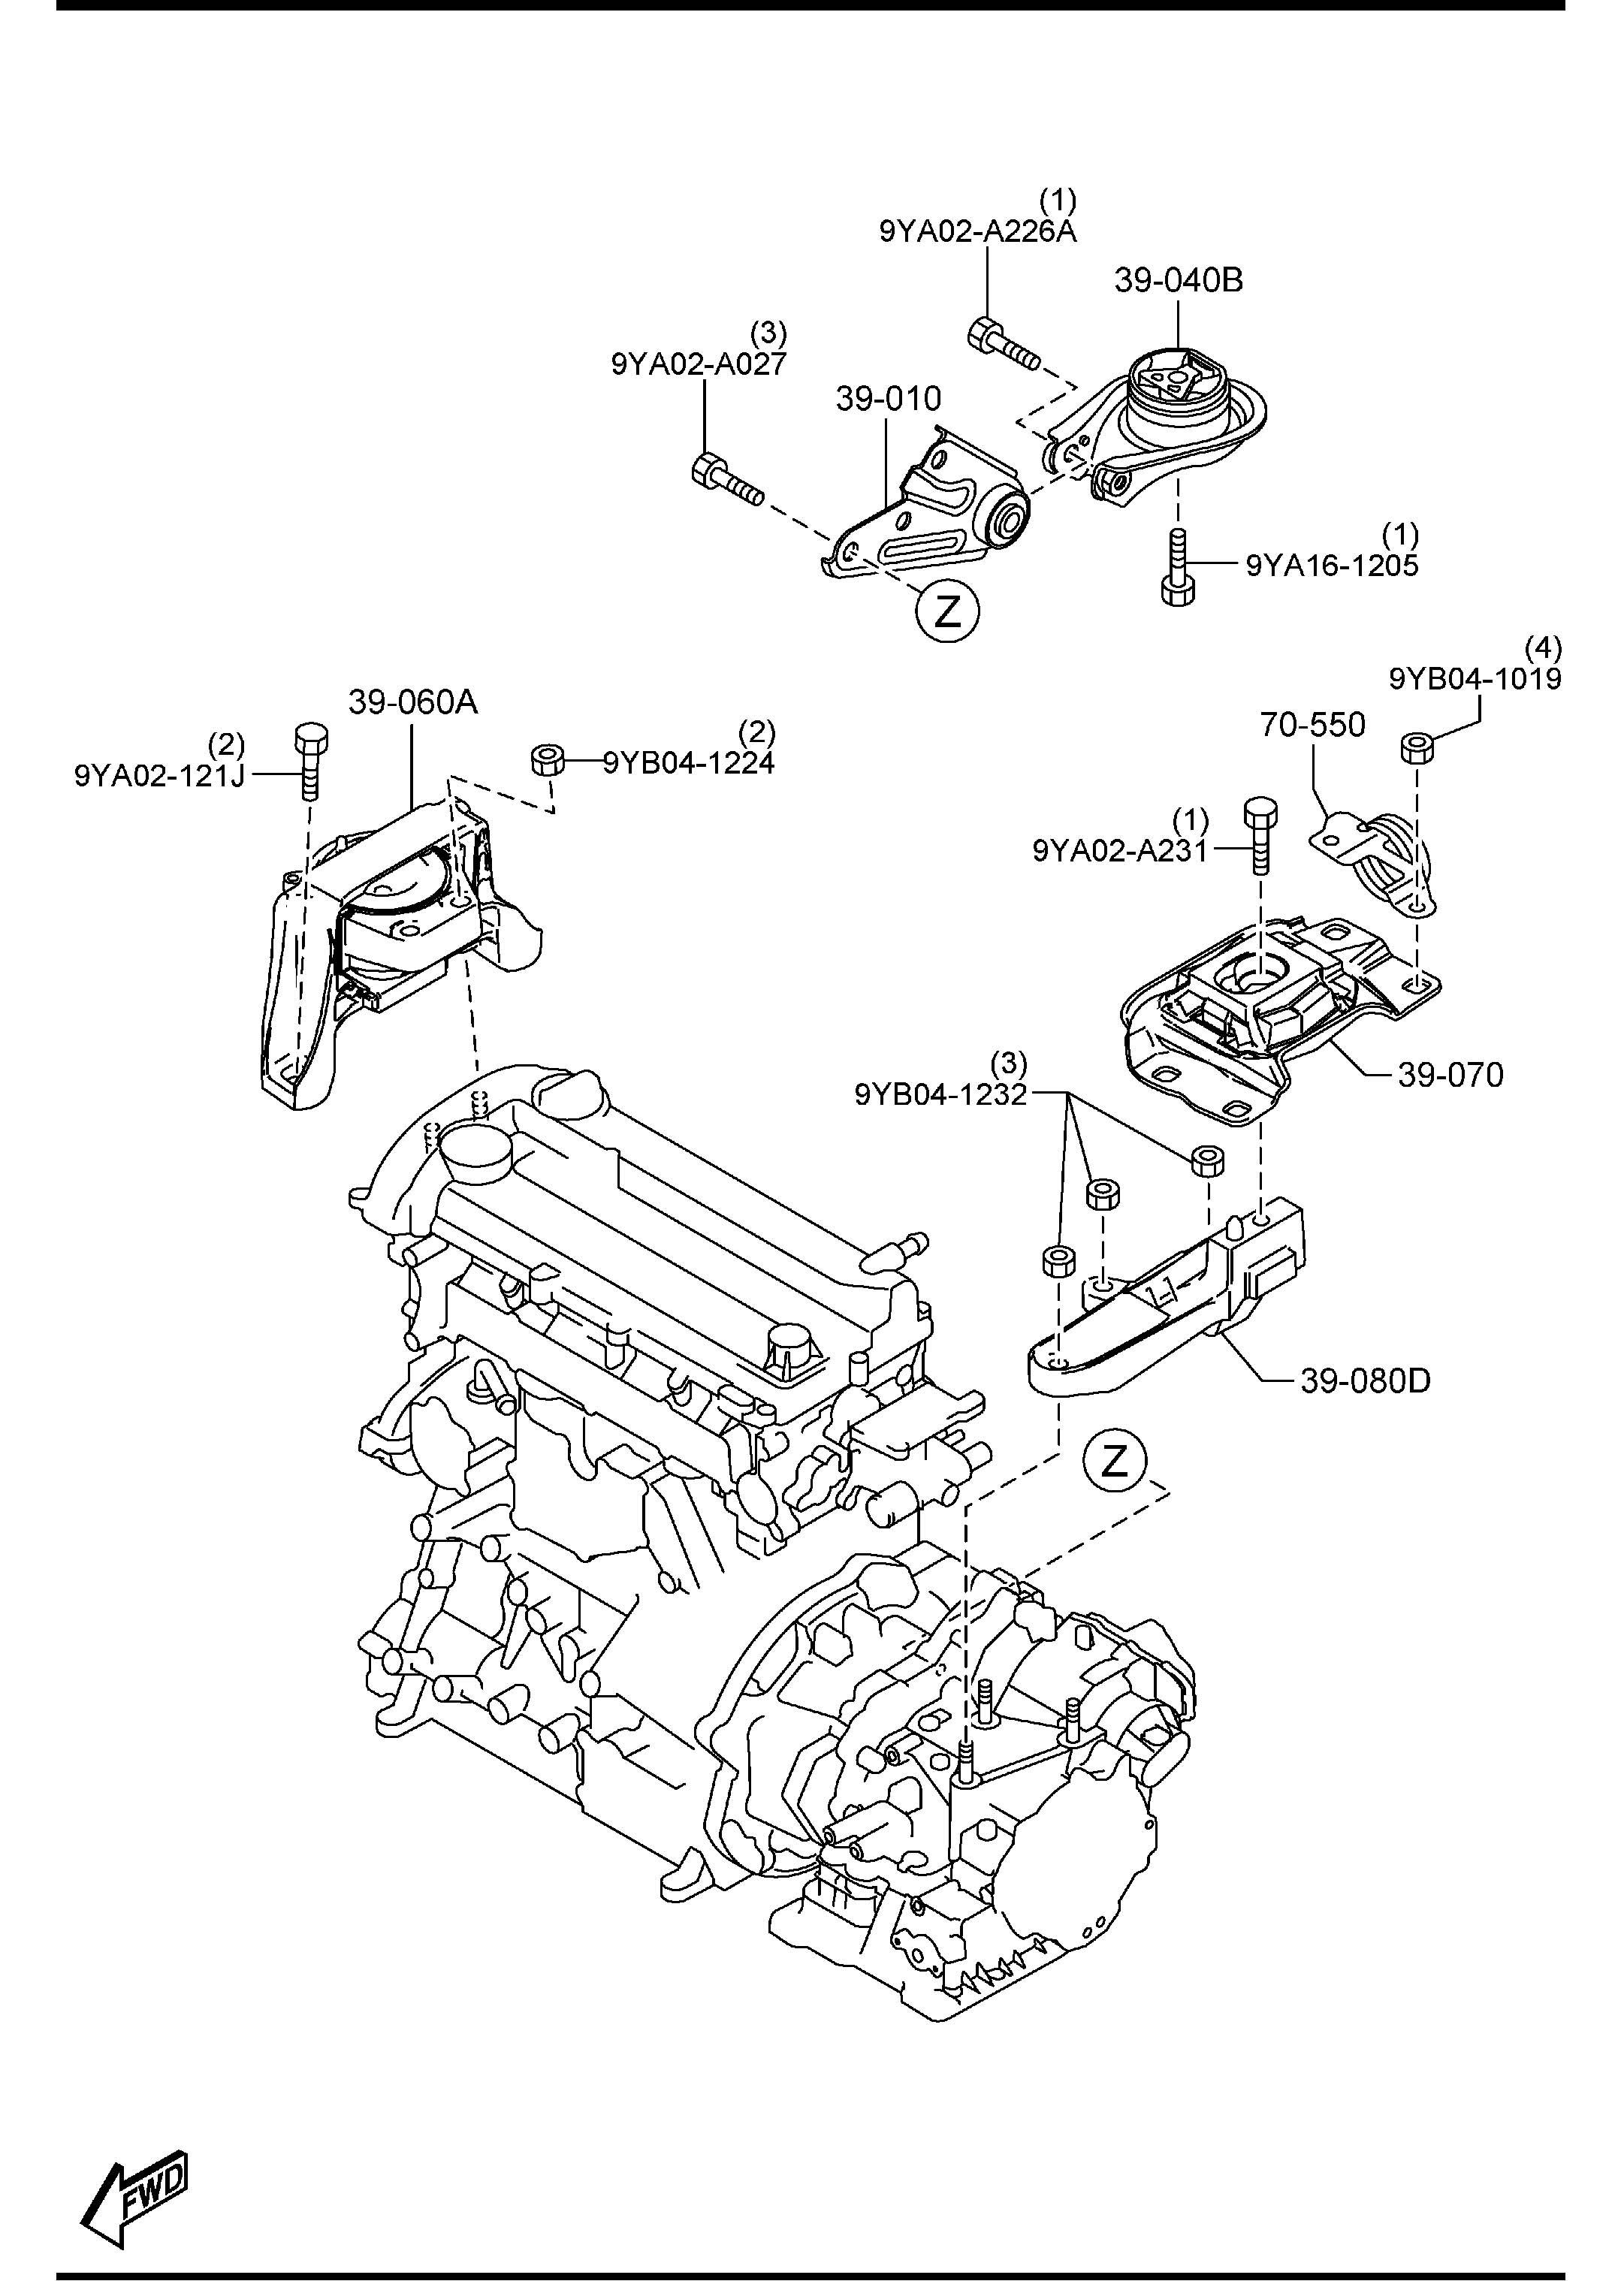 tags: #mazda b4000 head light clips#mazda b4000 grill#mazda b4000 parts  manual#1996 mazda b4000 parts#mazda b4000 headlights#mazda b4000 audio#mazda  b4000